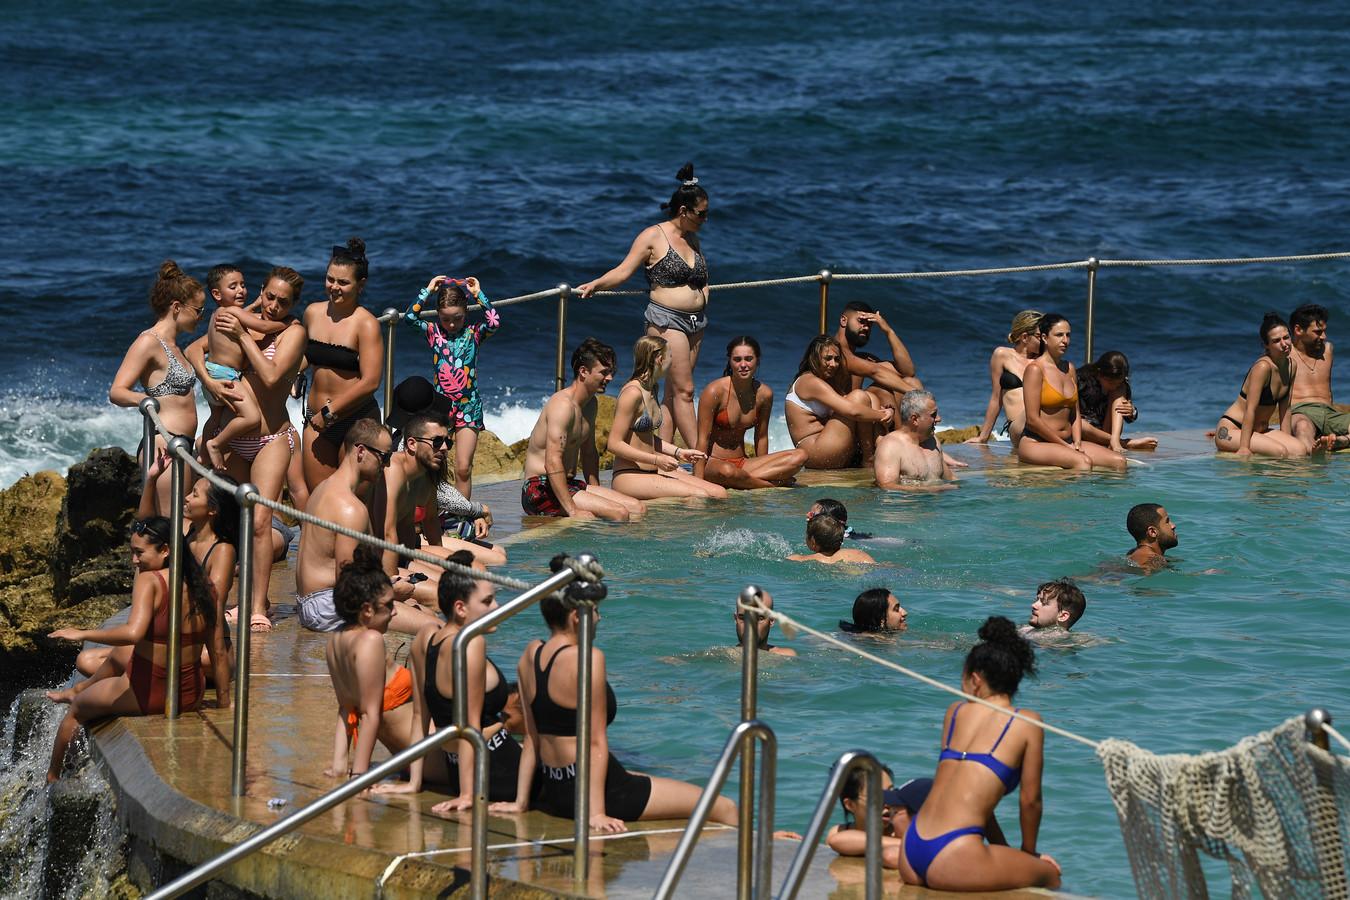 Verkoeling zoeken tijdens een hittegolf aan het strand van Sydney.